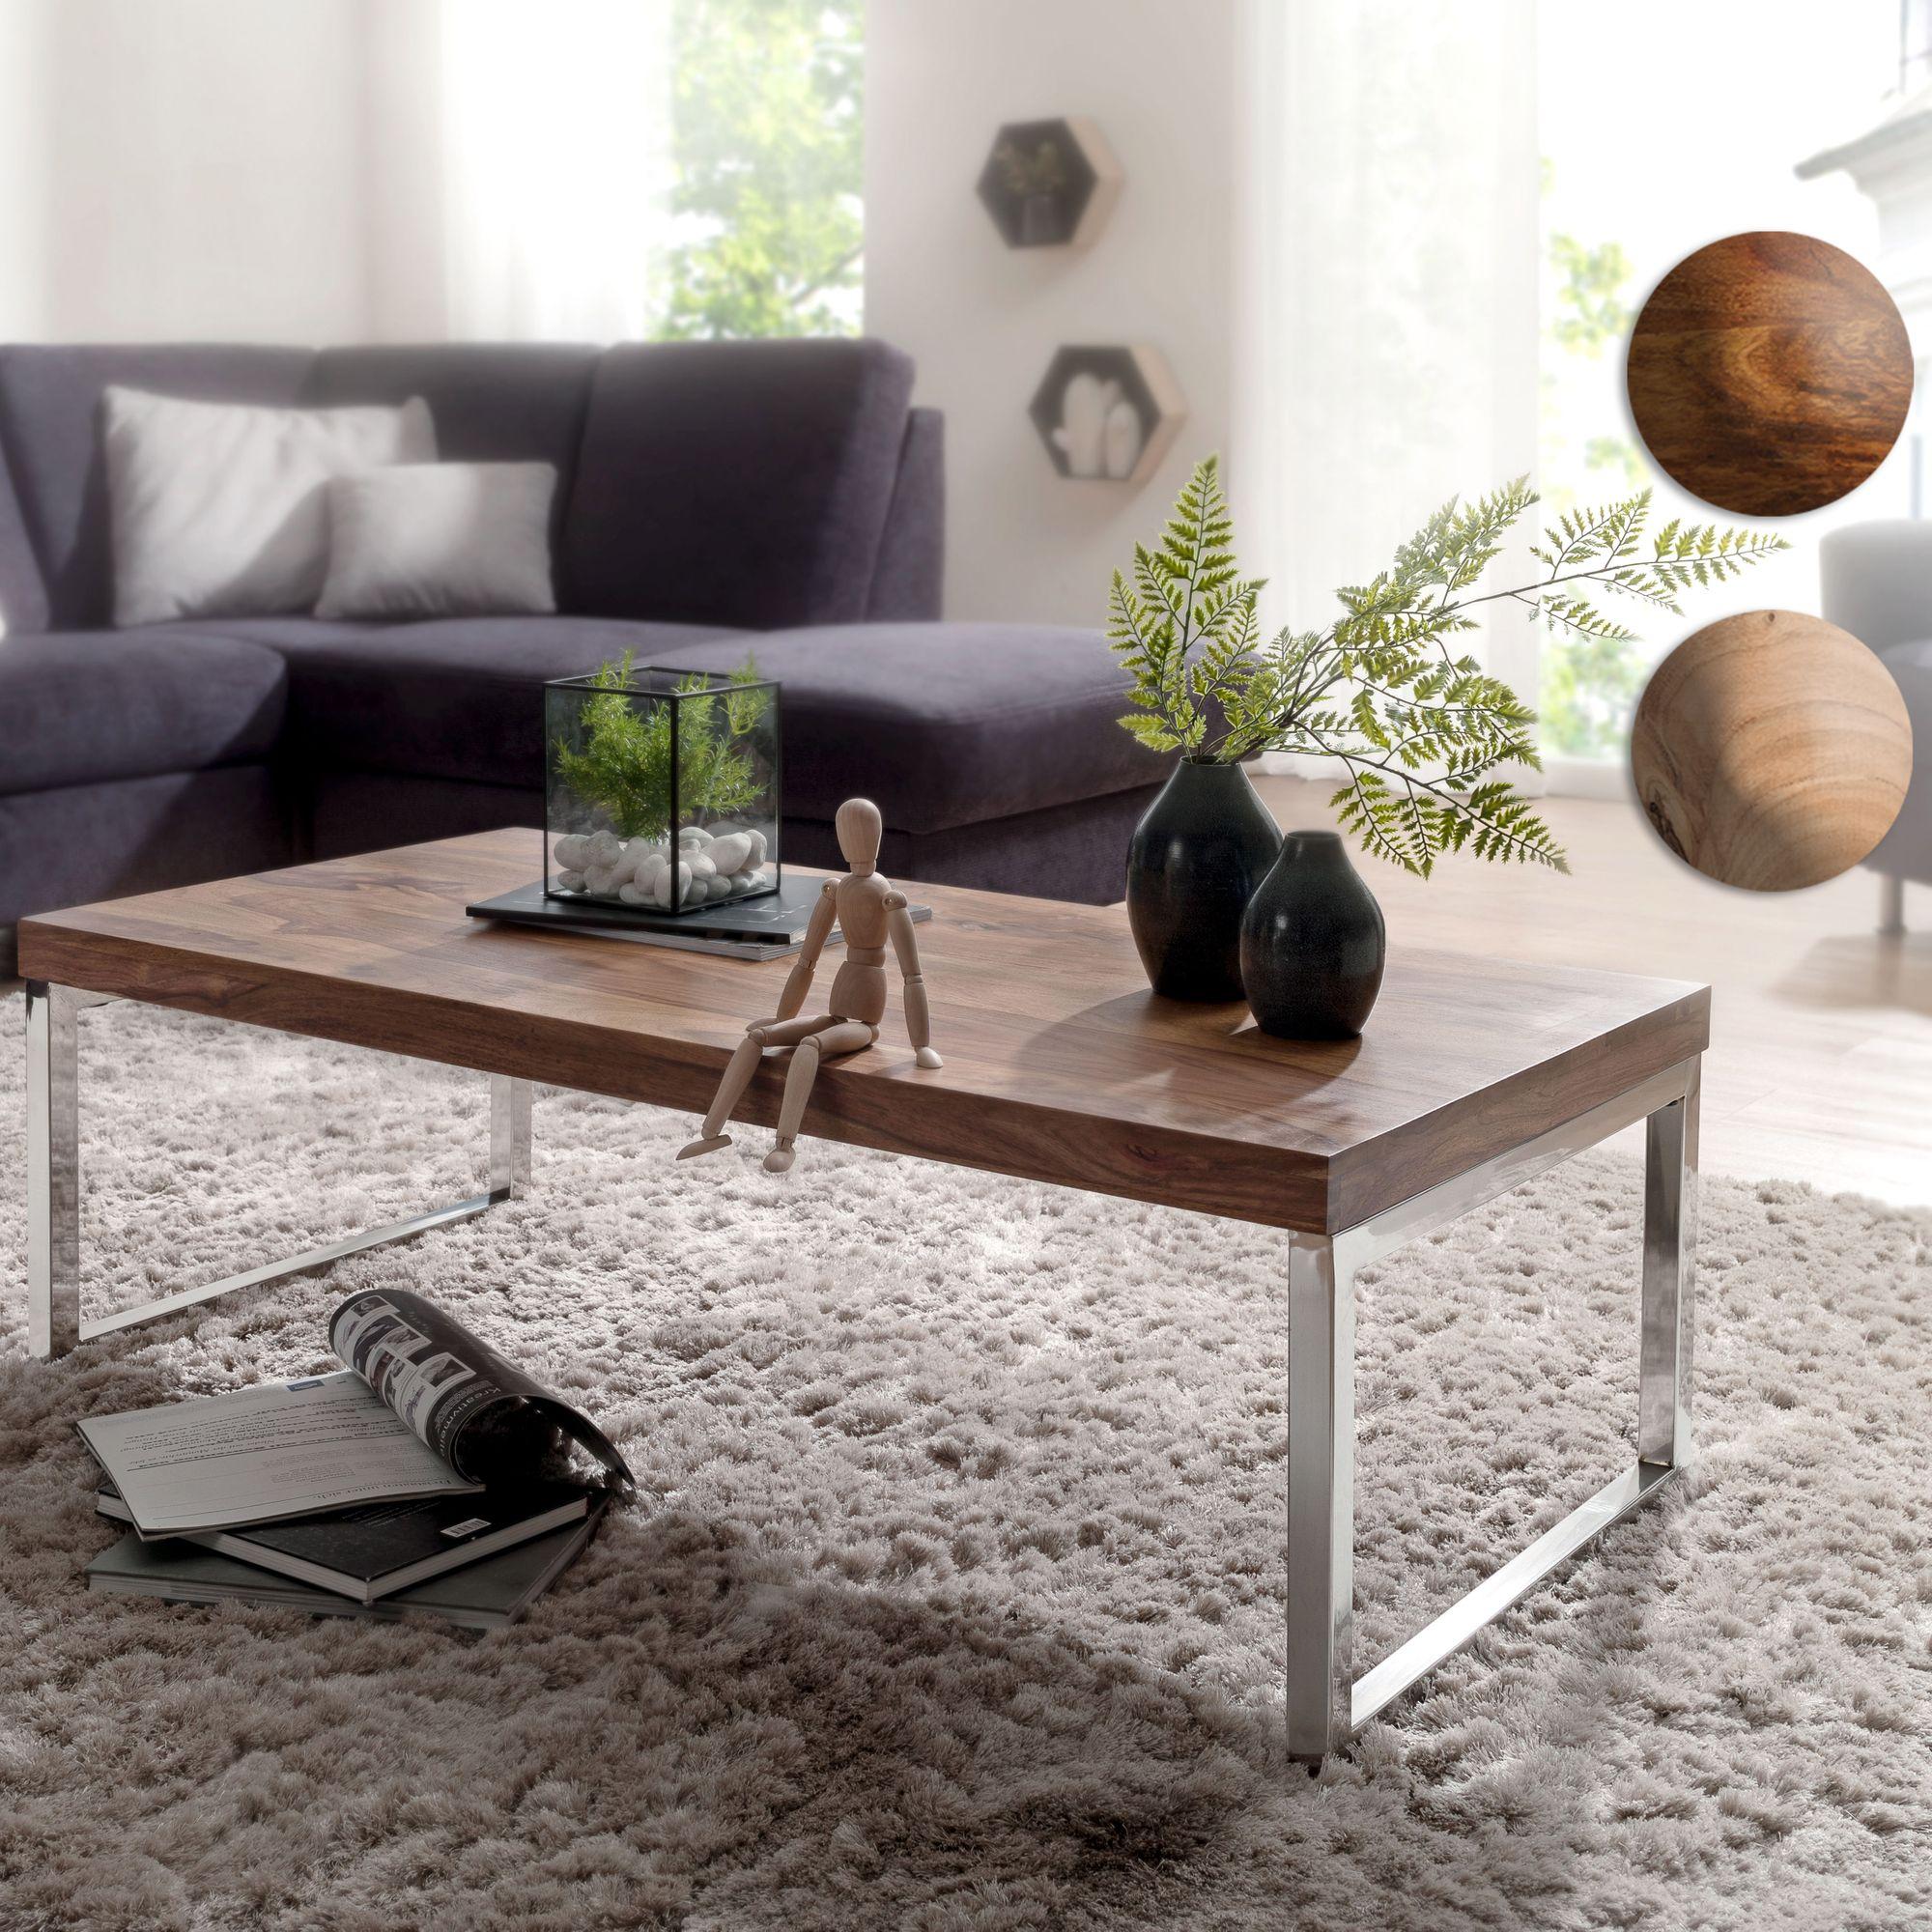 Massiver Couchtisch JAVA 120cm Wohnzimmertisch Holz Tisch Massiv  Beistelltisch